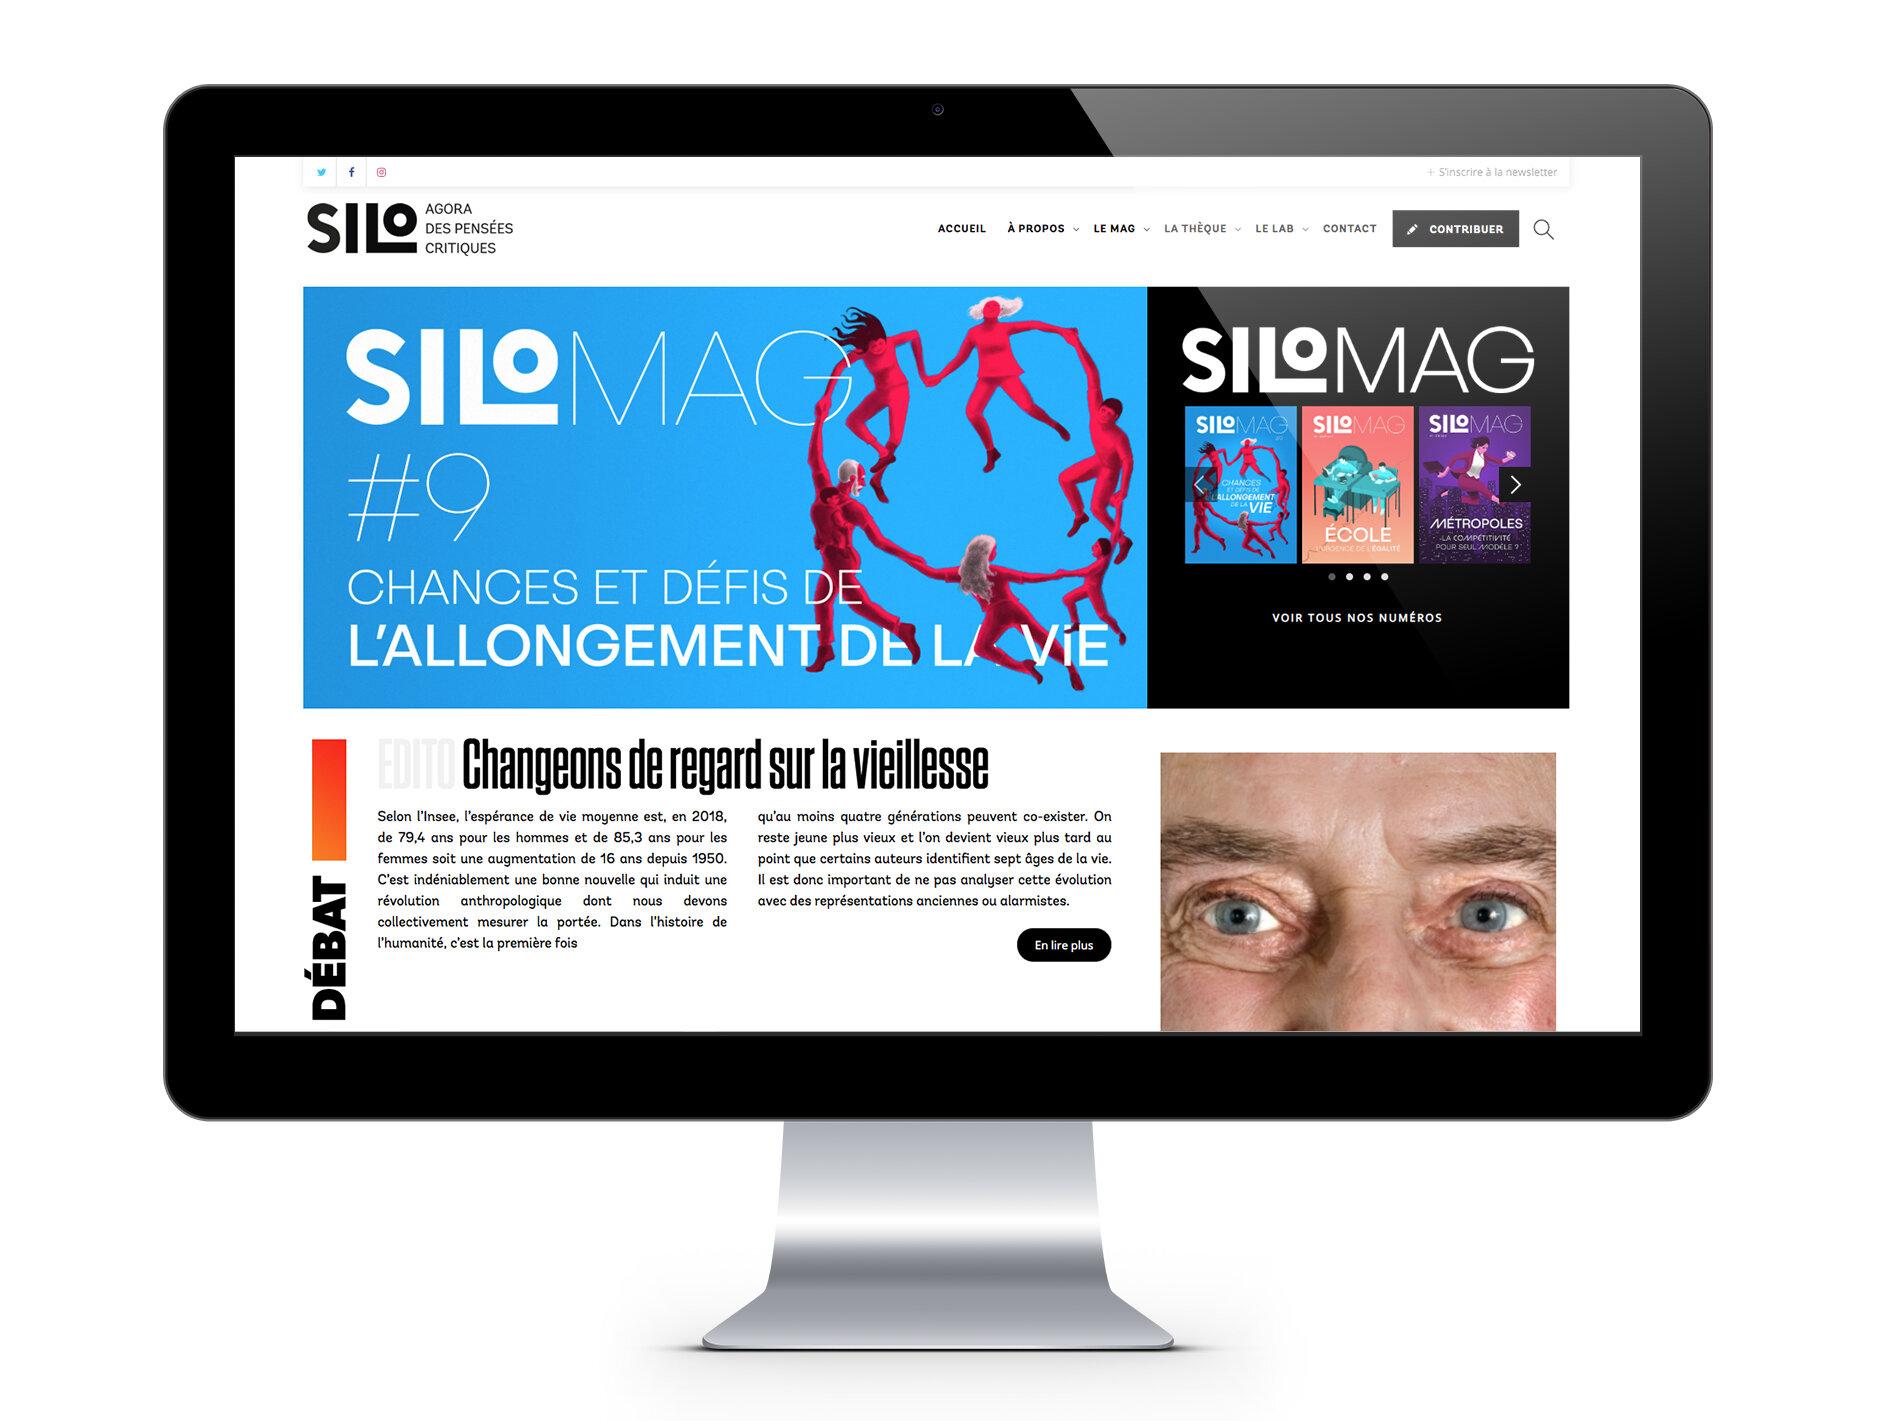 SILOMAG 9 PABLOKA WEB.jpg